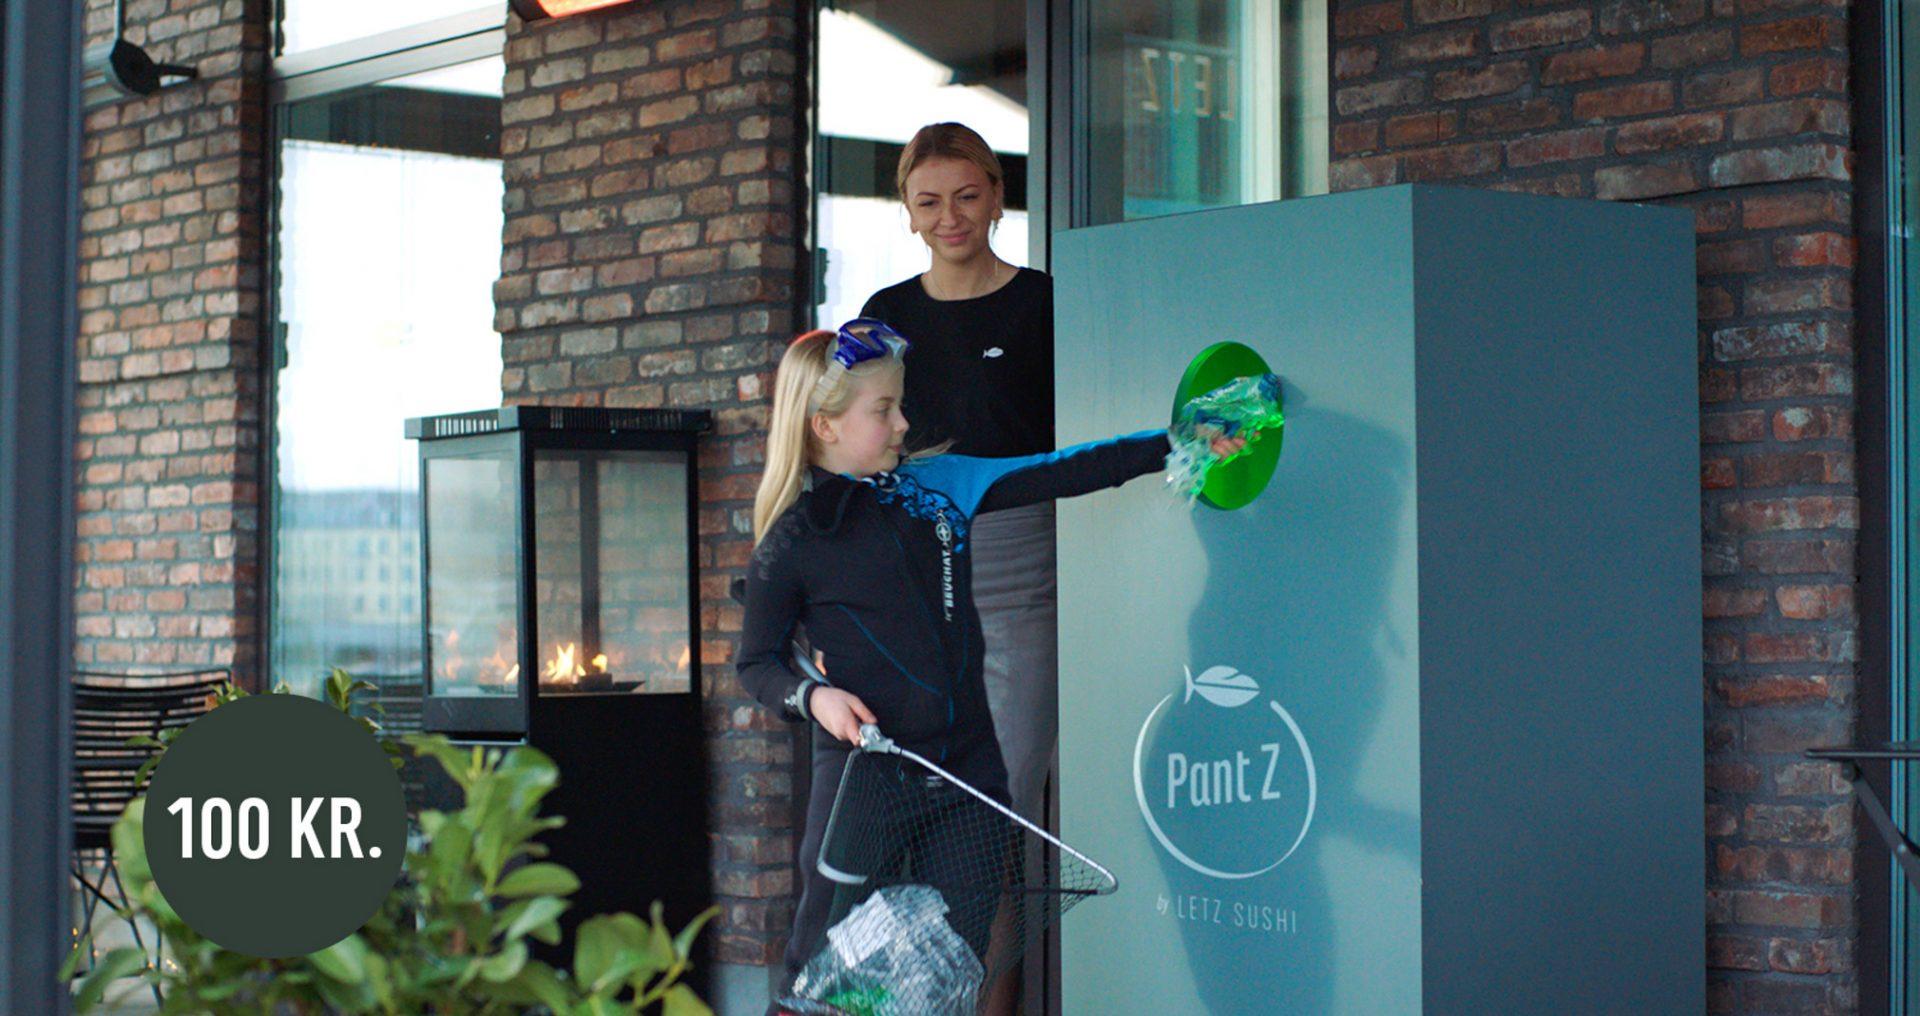 Ønsker pant på takeaway-emballage:LETZ SUSHI lancerer nyt pantmærke